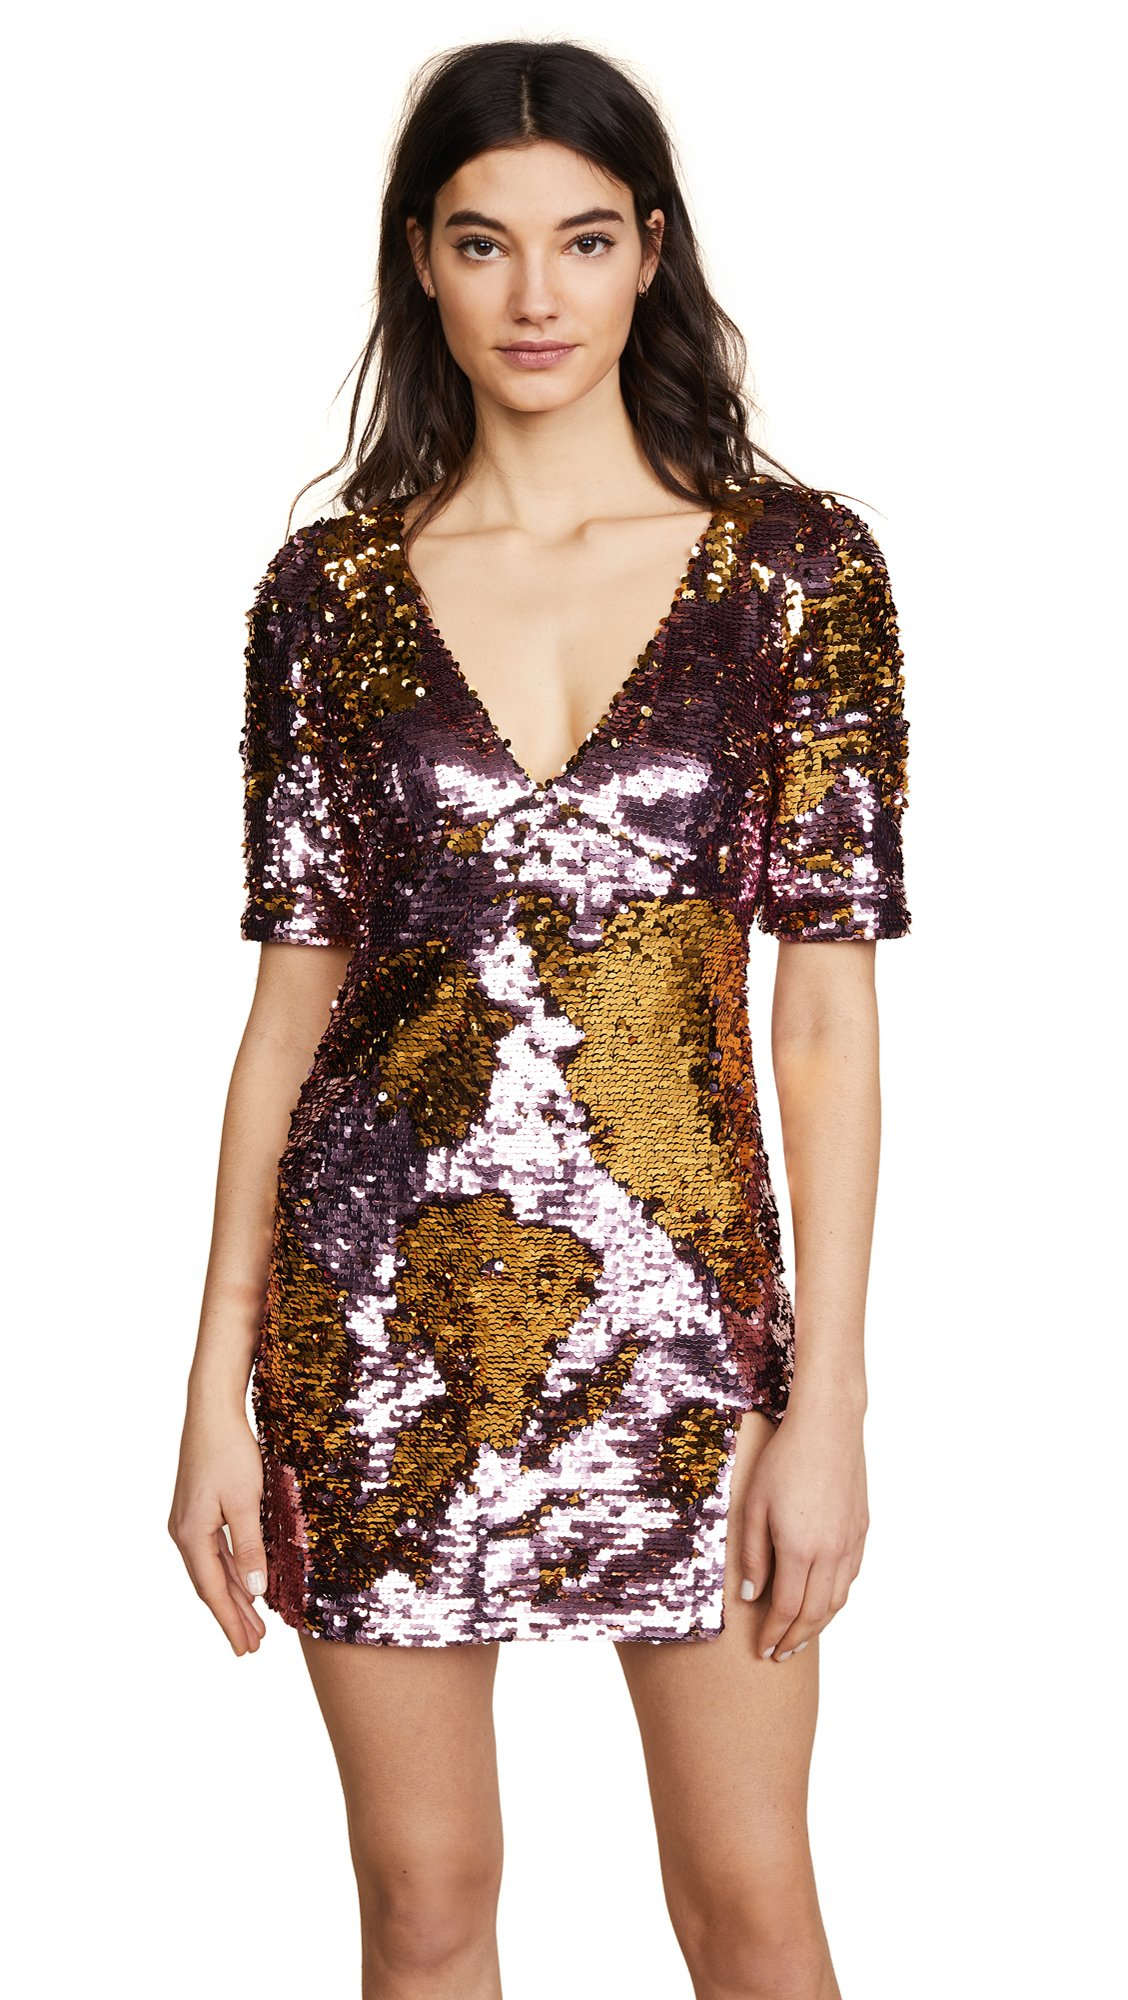 For Love & Lemons Women's Sparklers Party Dress, Dusty Rose, Medium by For Love & Lemons (Image #1)